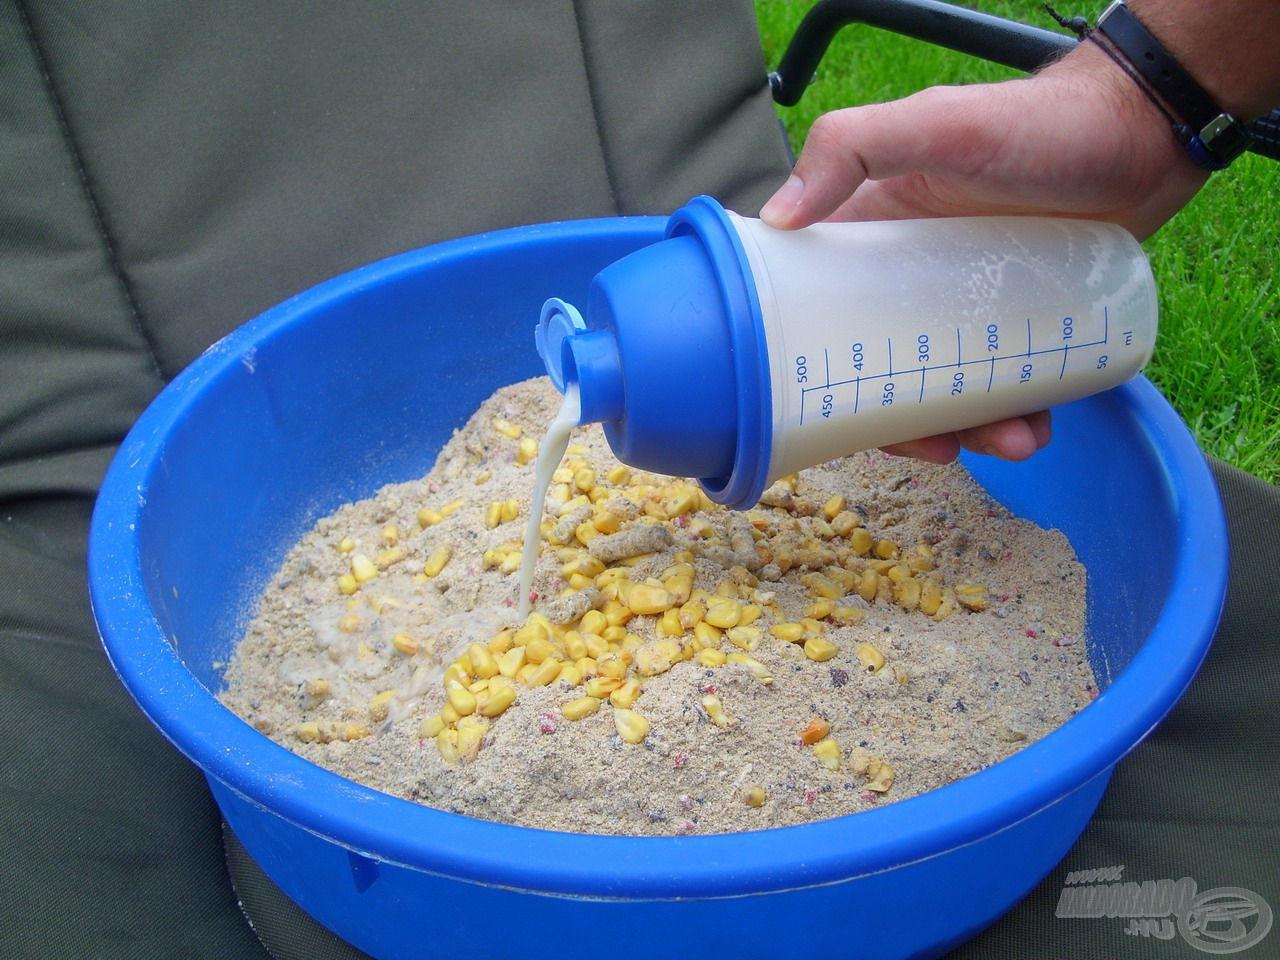 Fontos, hogy miután összeráztuk a folyékony mixet, rögtön öntsük az etetőanyagunk száraz összetevőire, mert a Gold Corn Cream pép fajsúlya sokkal nagyobb a vízénél, ezért másodpercek alatt képes leülepedni